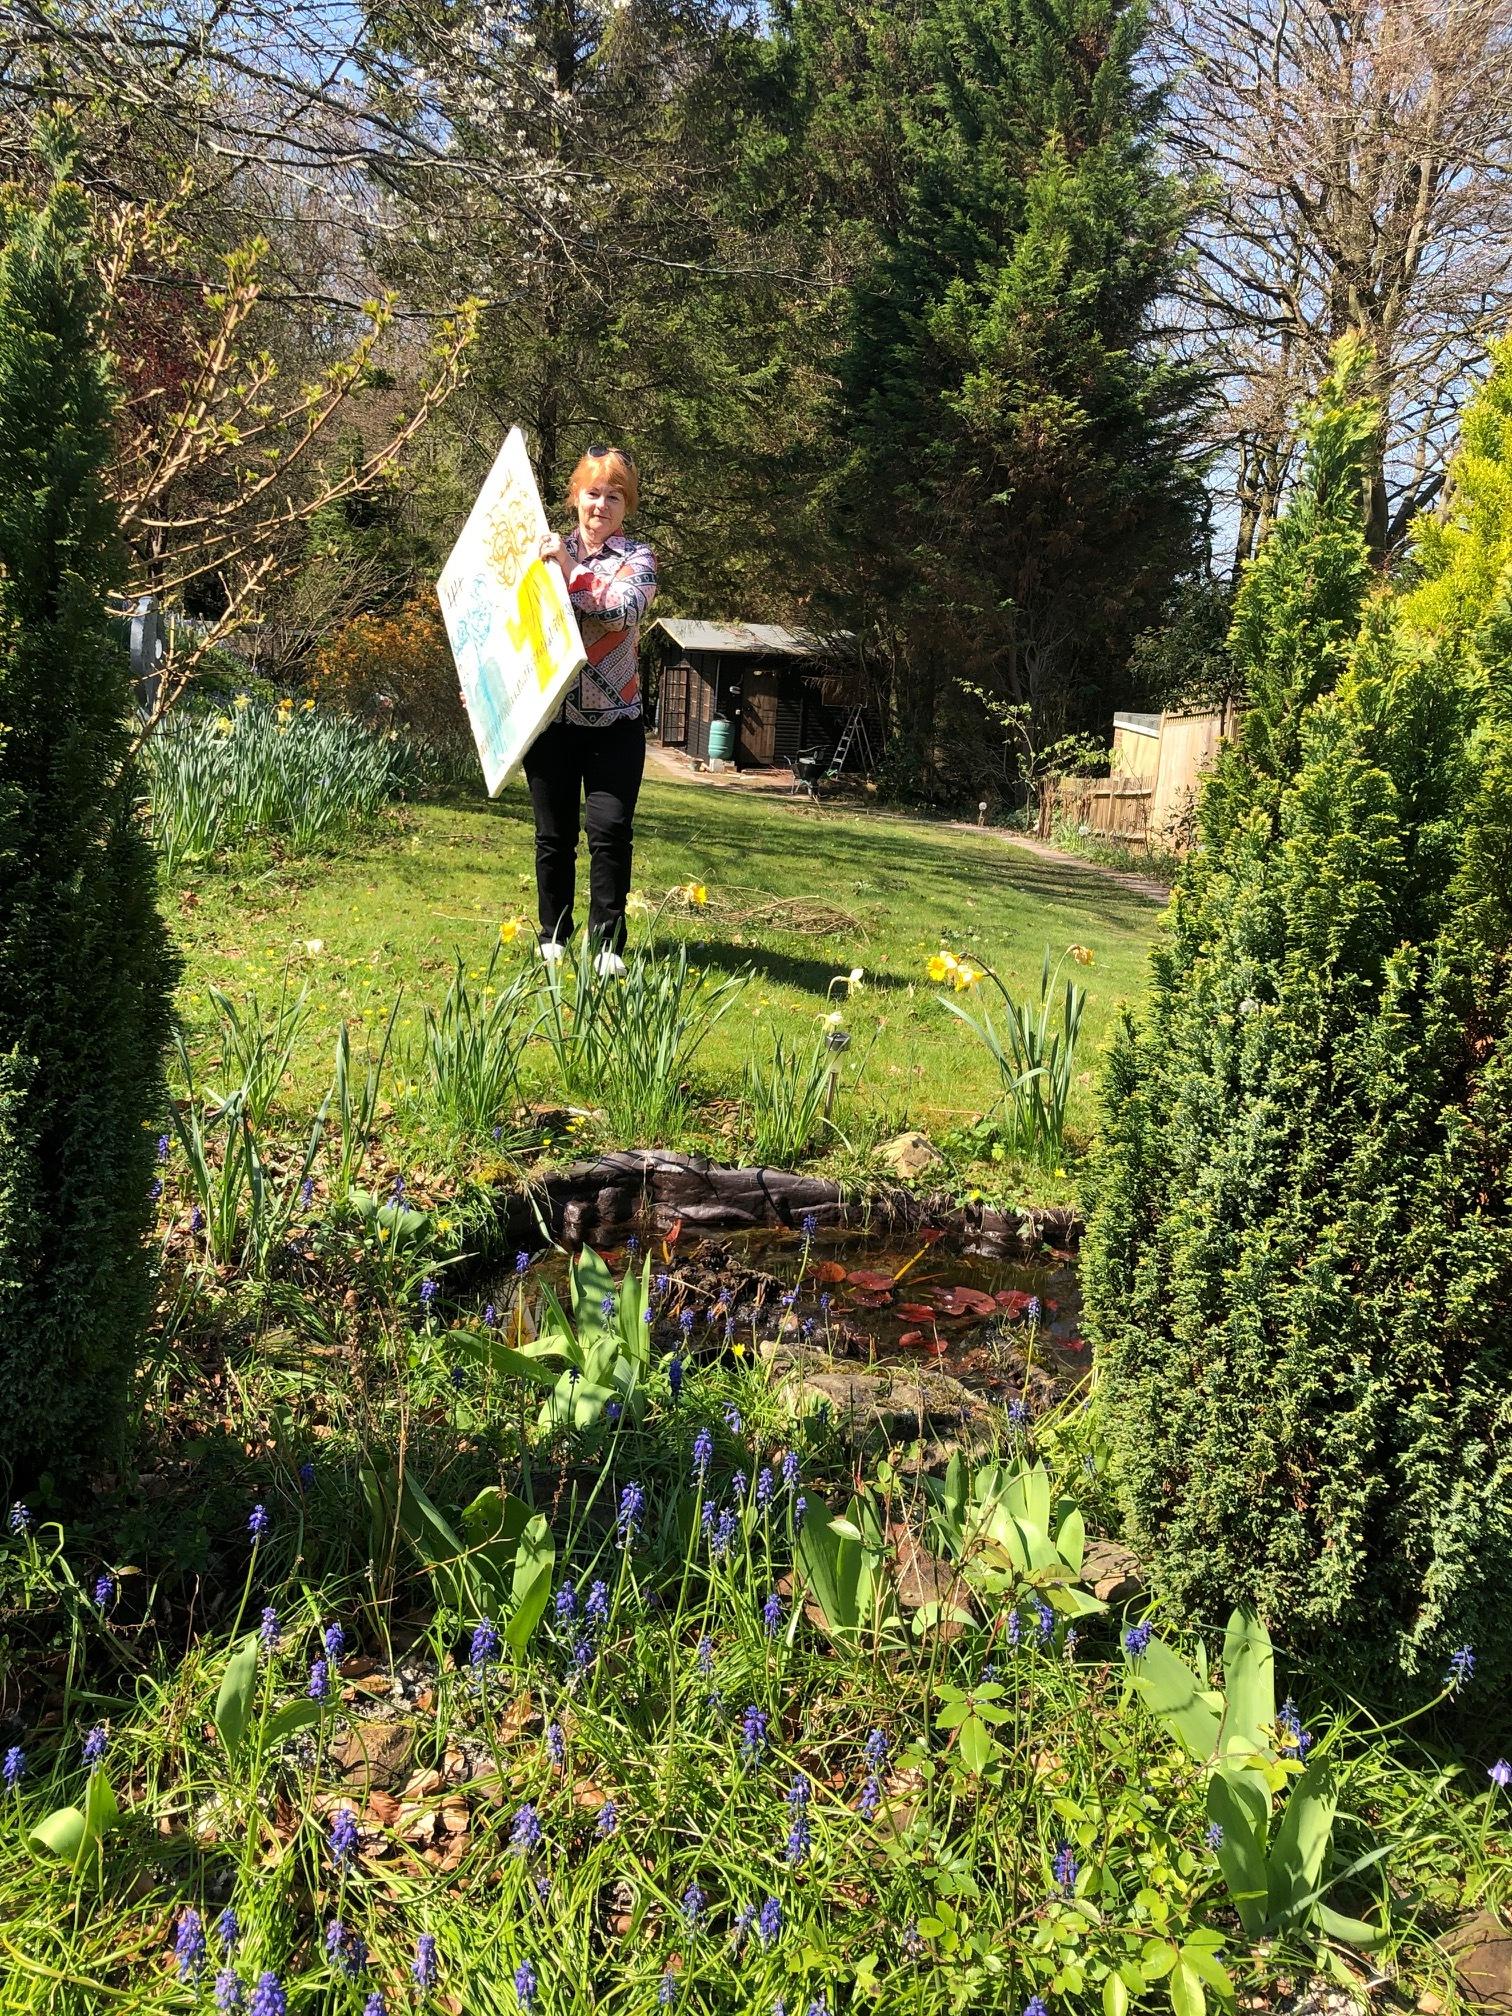 Rachel Williams trekking down the garden with her paintings